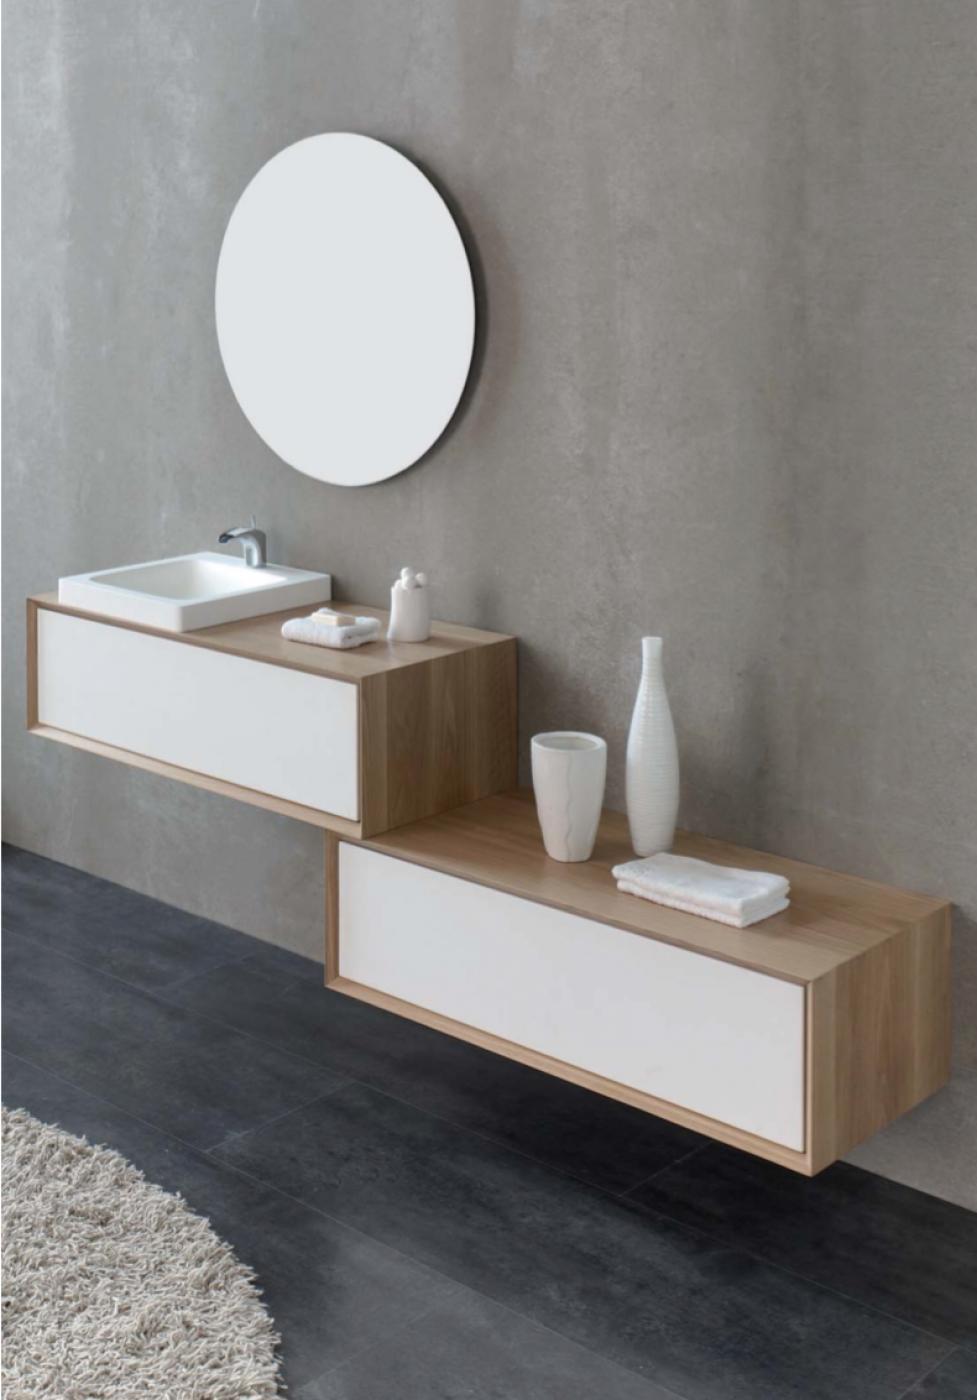 vente de meuble salle de bains en bois aix en provence - carrelage ... - Acheter Carrelage Salle De Bain